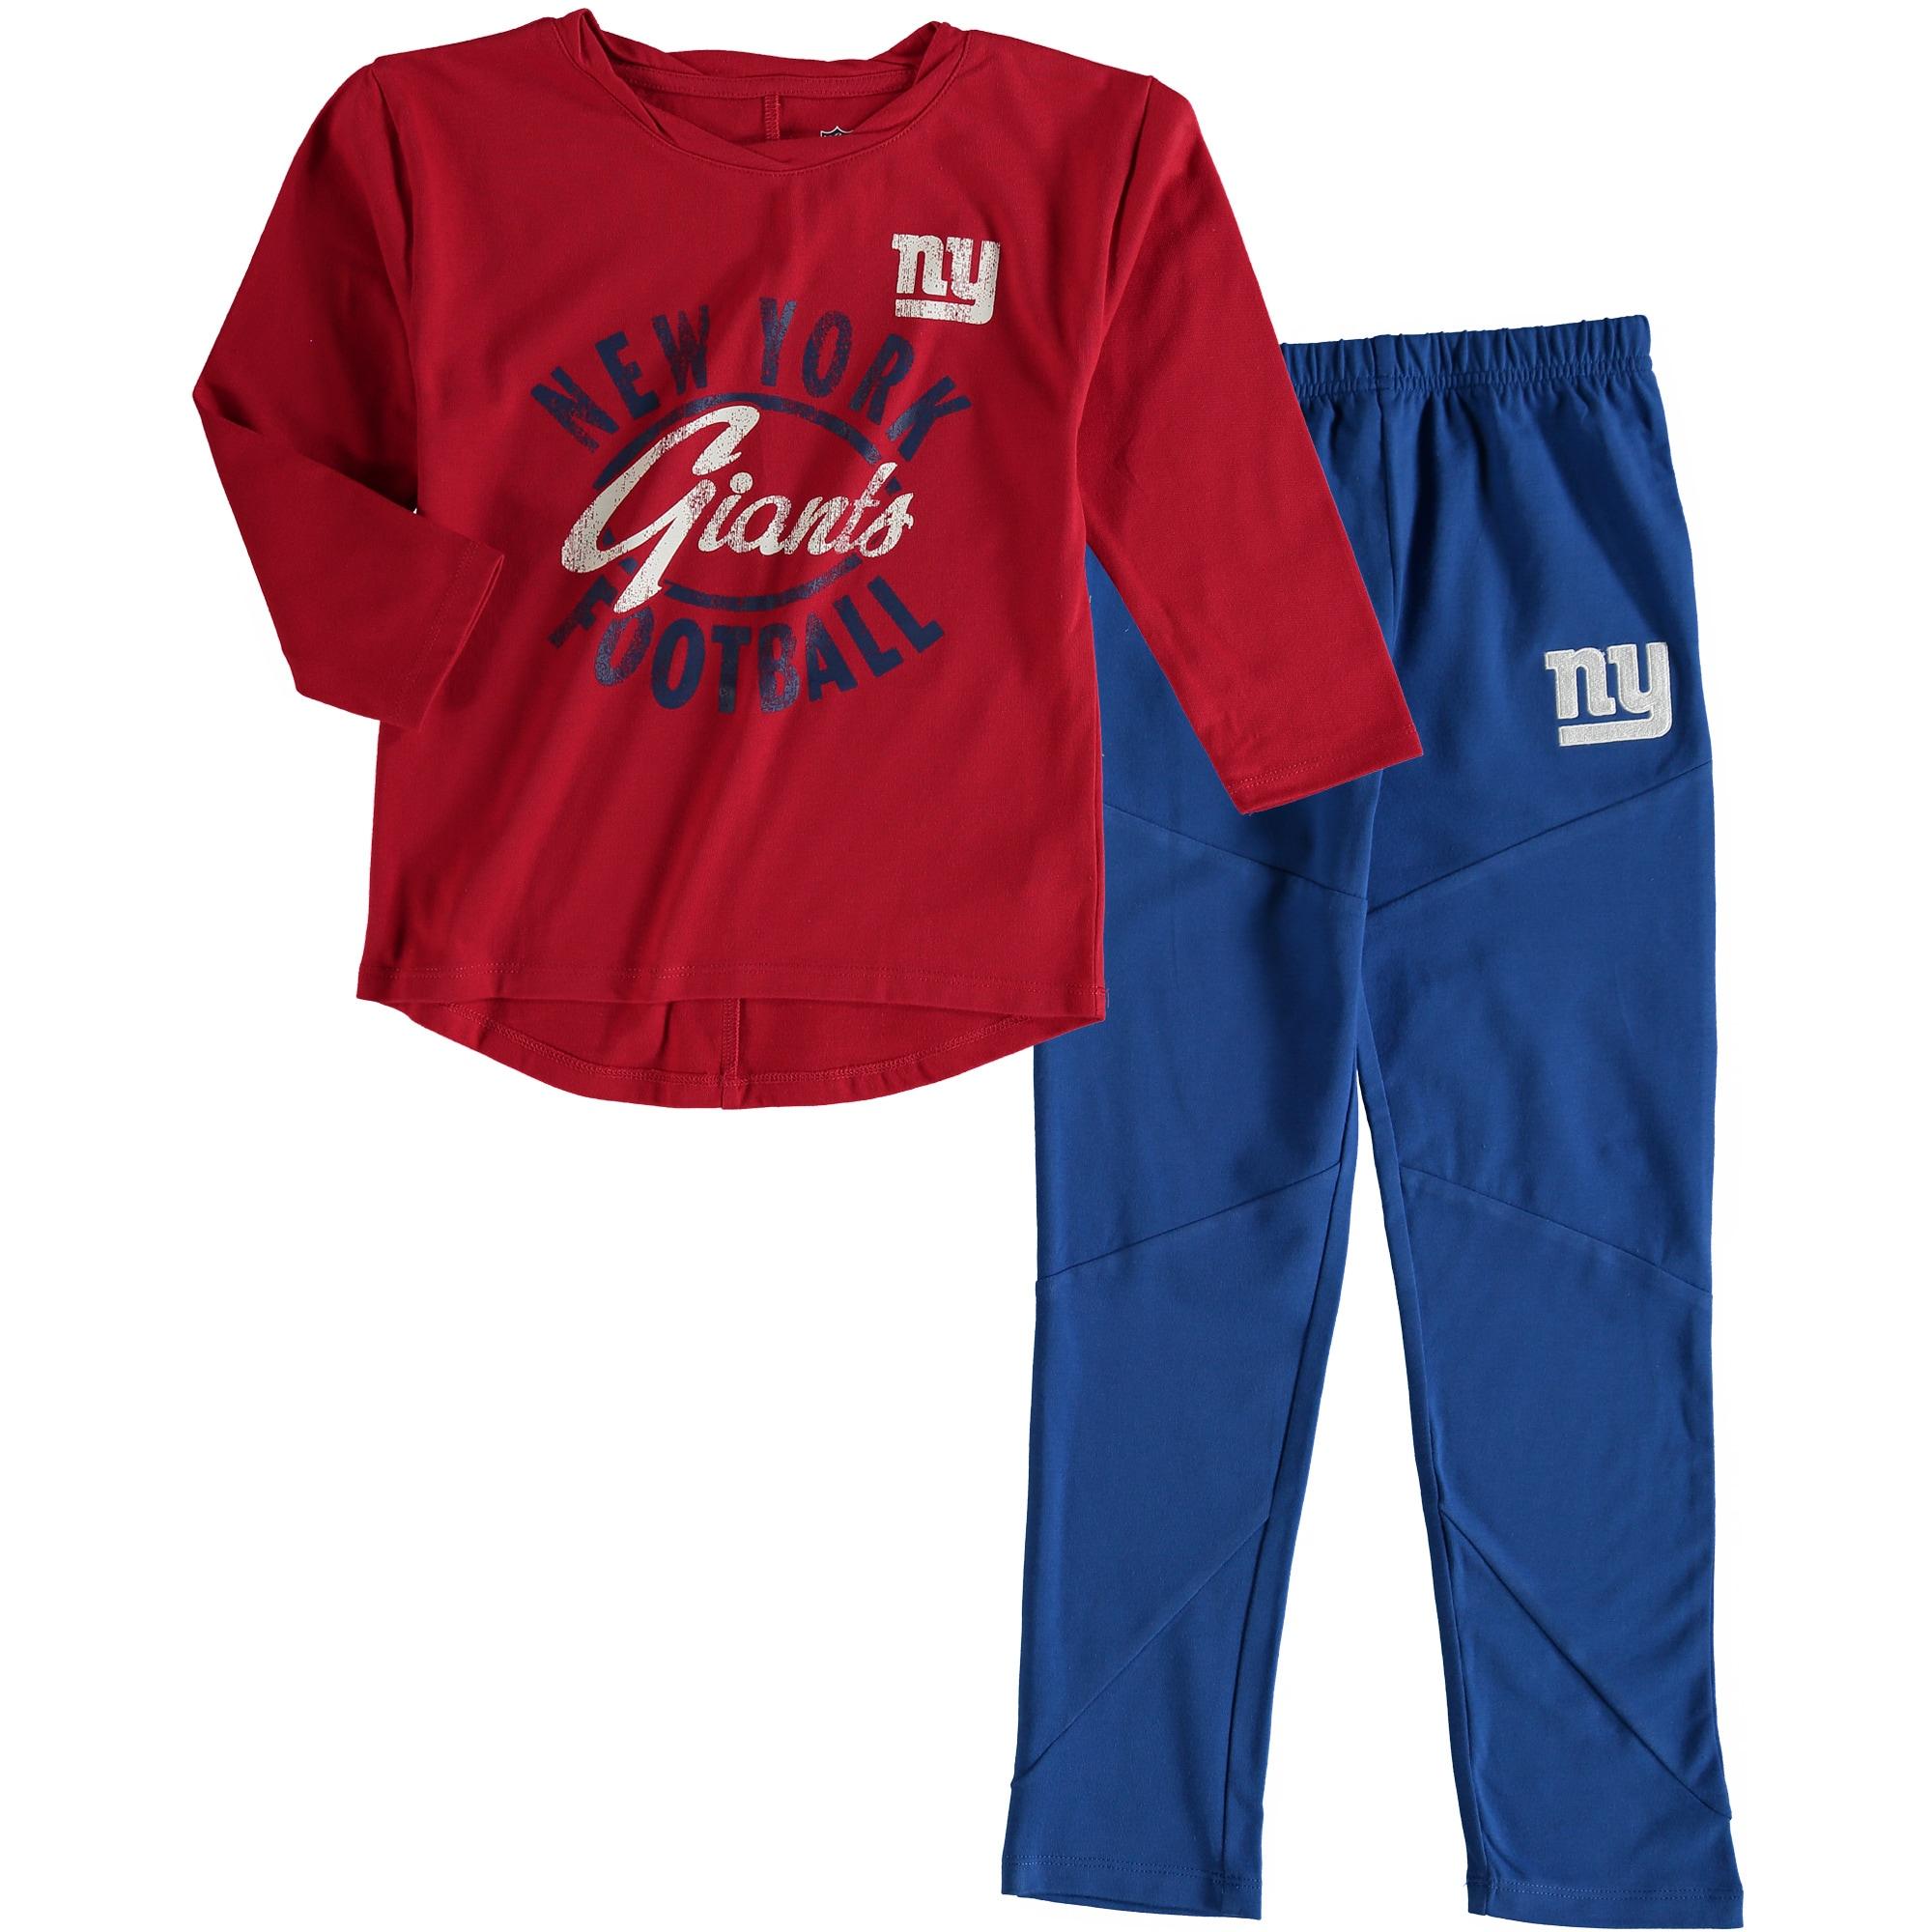 New York Giants Girl's Preschool Fan Gear Fan Gear Football Sweetheart Long Sleeve T-Shirt and Pant Set - Red